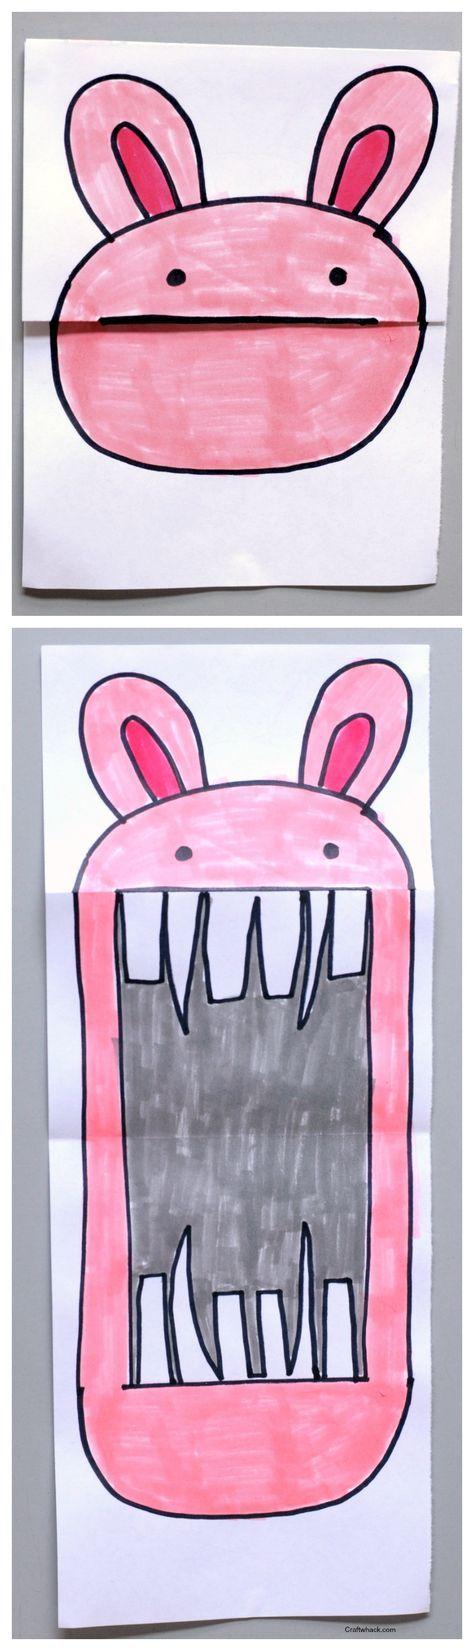 projet d'art de papier de lapin Plié • projets artistiques pour les enfants • projets artistiques faciles • Craftwhack.com